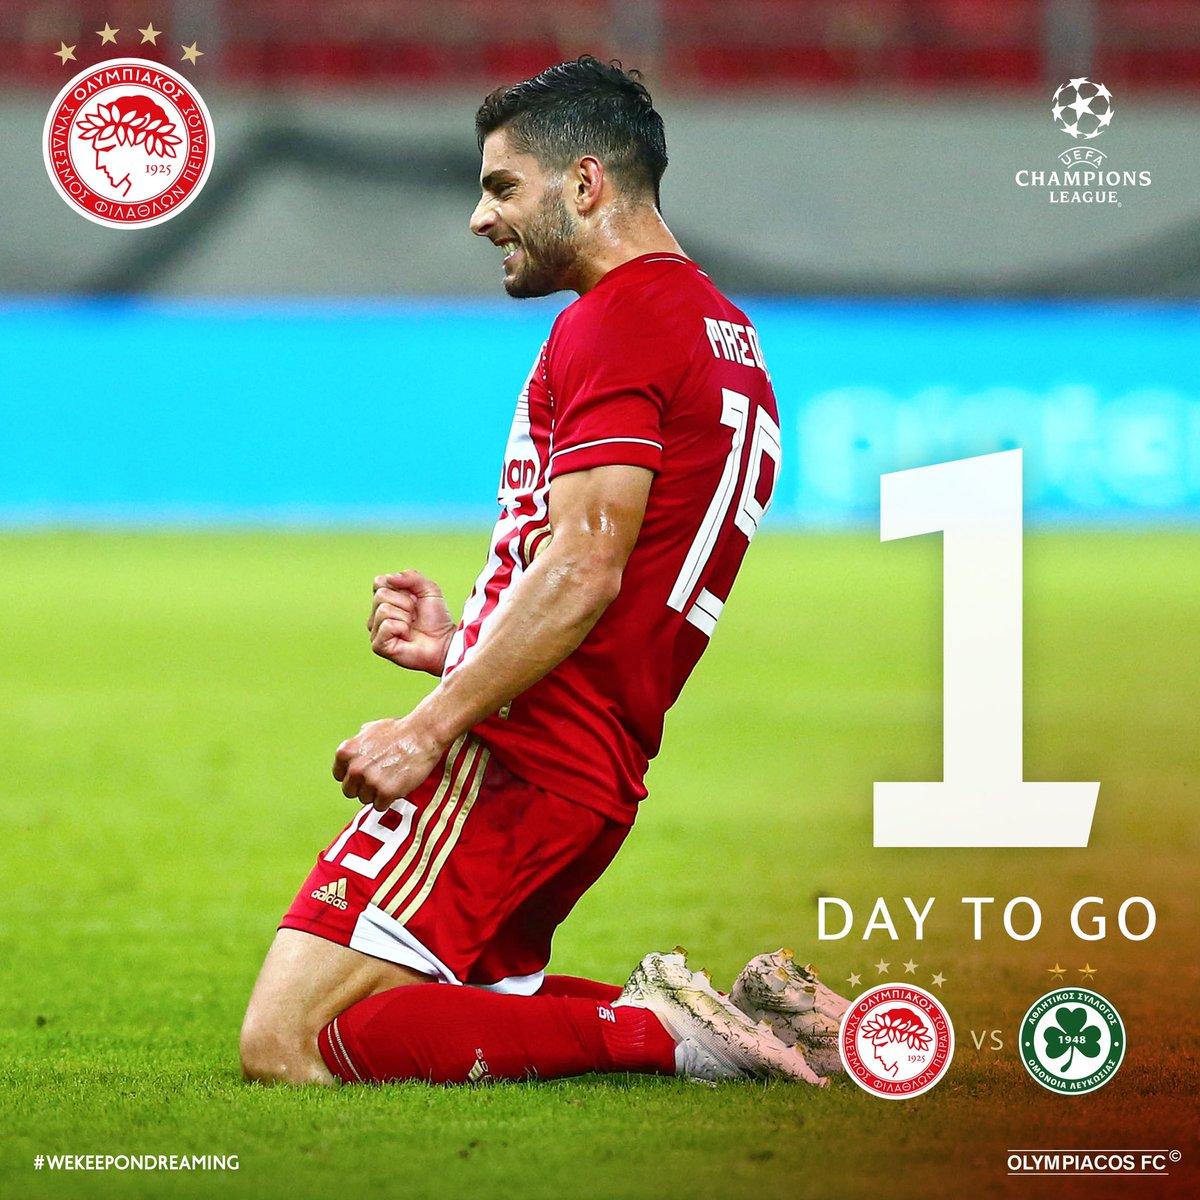 🔴⚪👊🏻 #Olympiacos #UCL #OLYOMO #Countdown #1day #Masouras @ChampionsLeague @OMONOIAfootball https://t.co/txwUSvv5gM